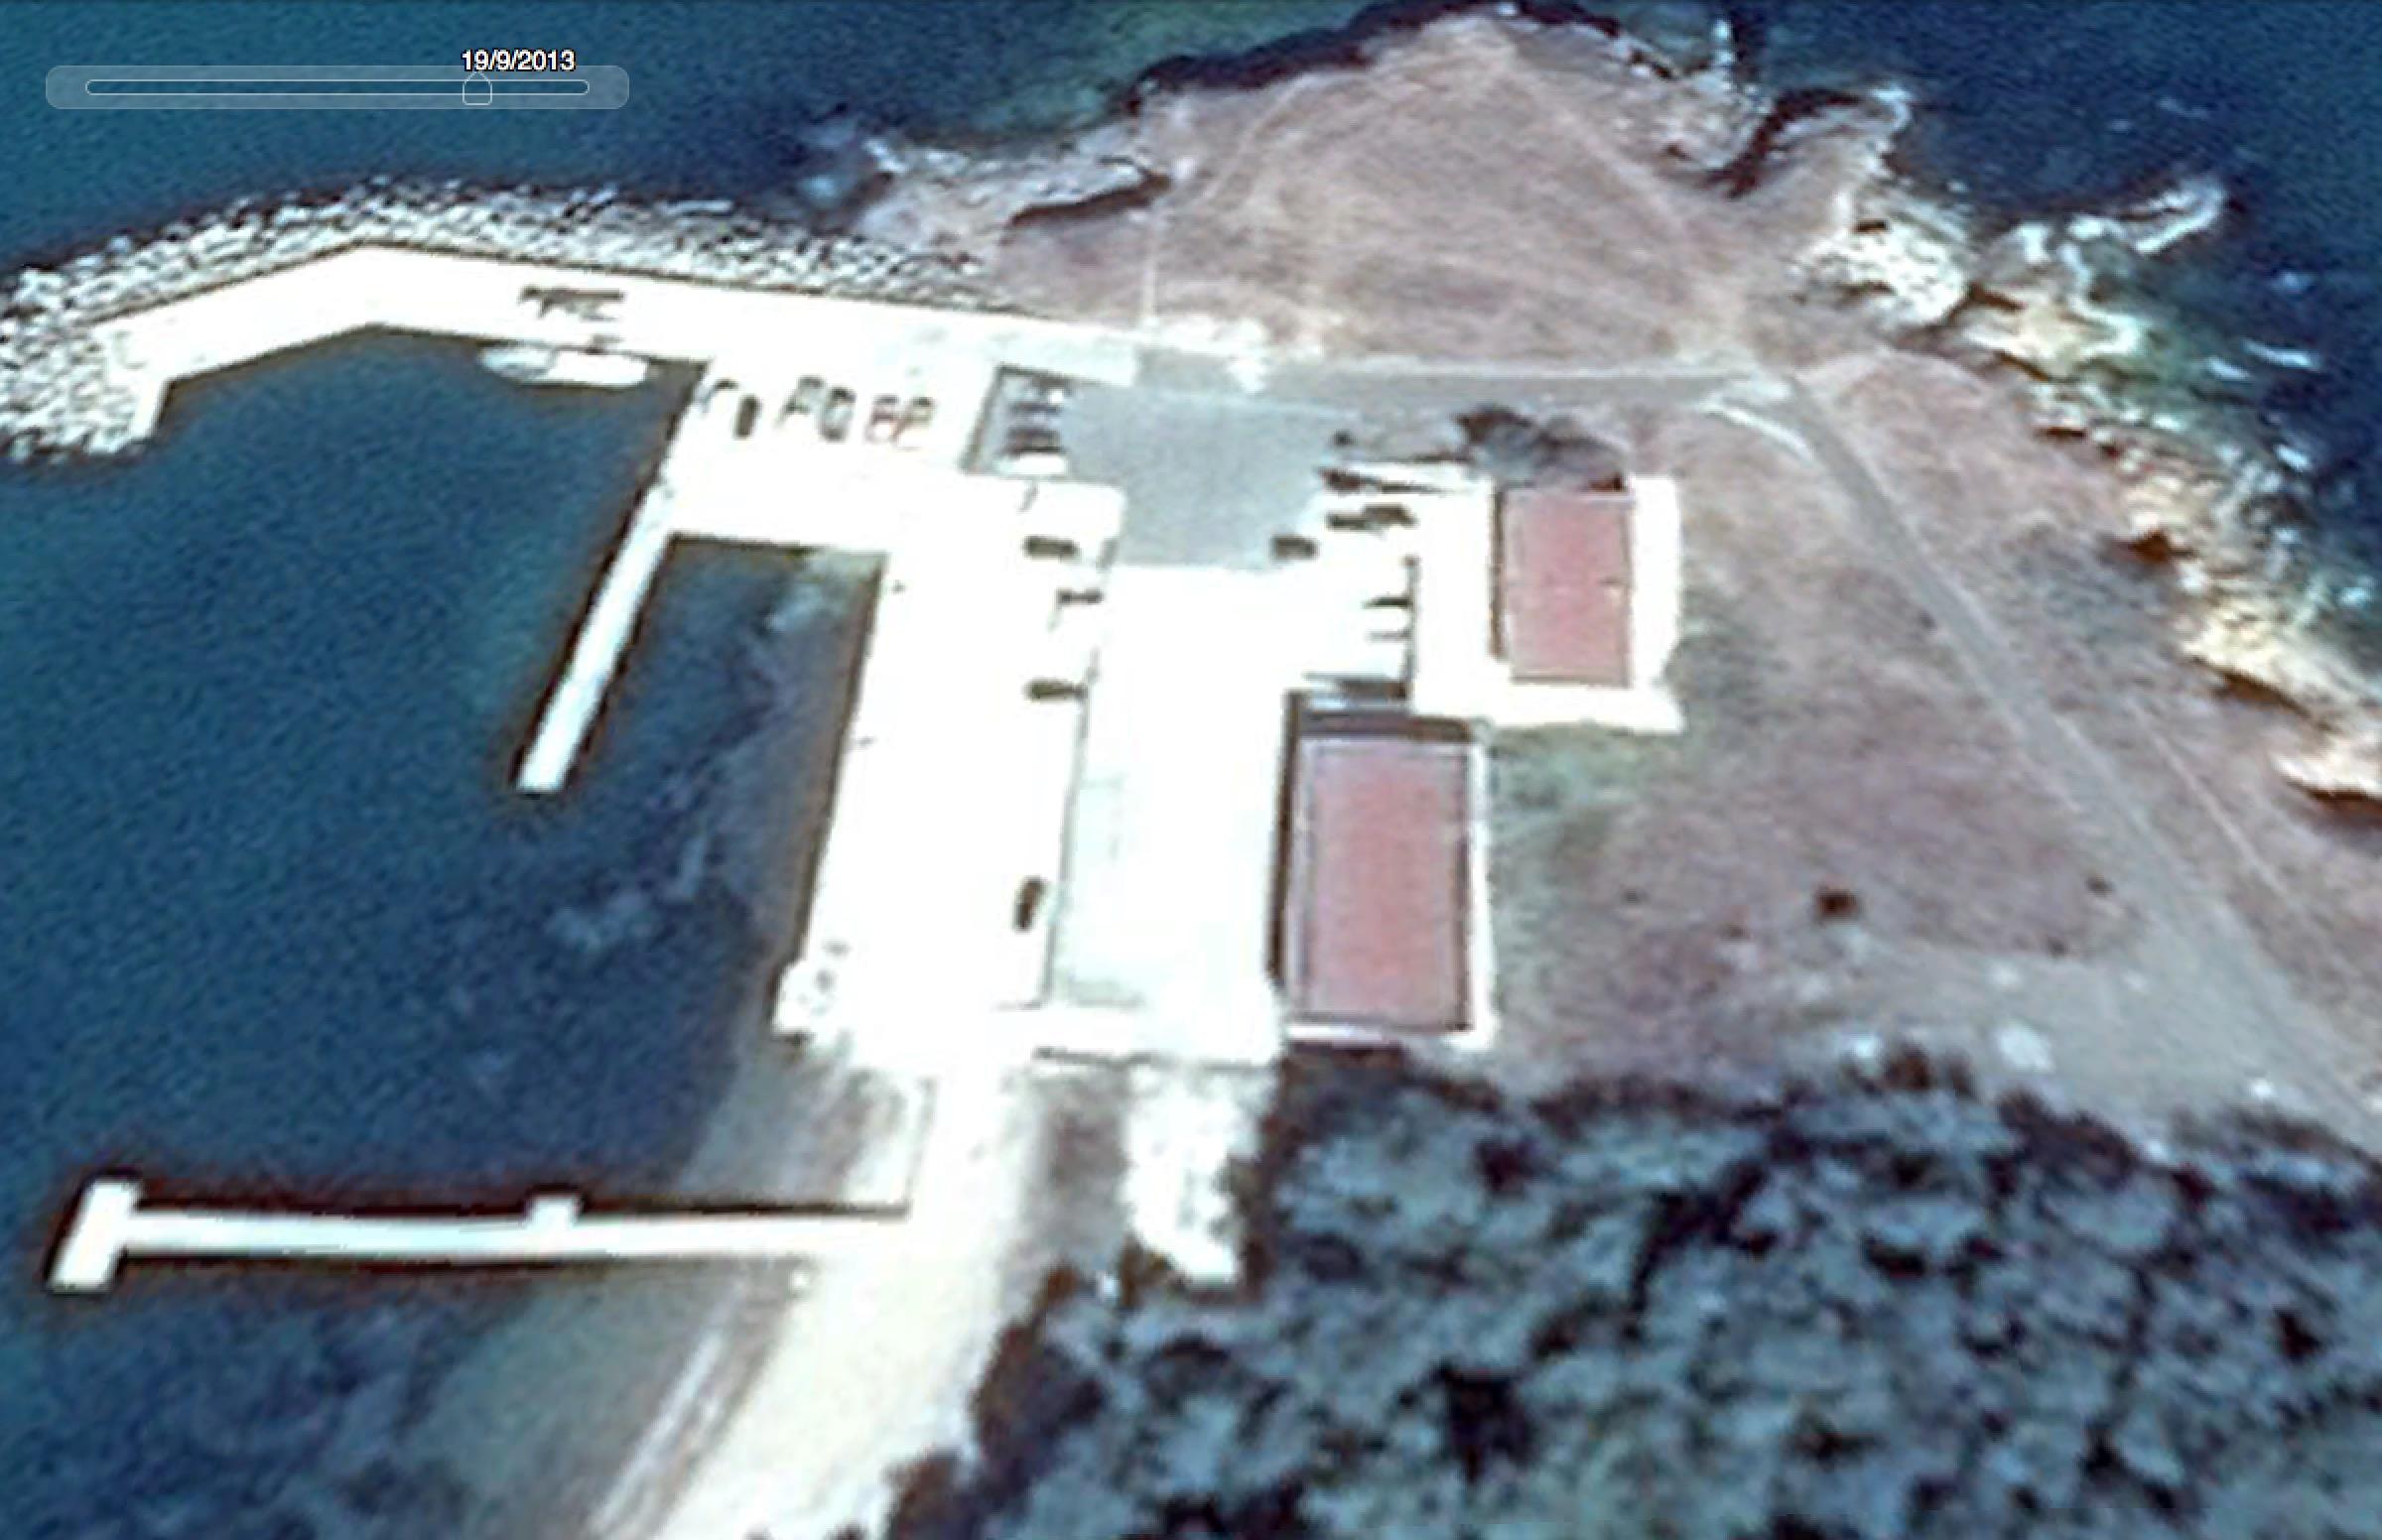 Как държавата осигурява комфорта на почетния лидер:  Догансарай: Плажът е нива, пристанище няма, пътят ще е затворен